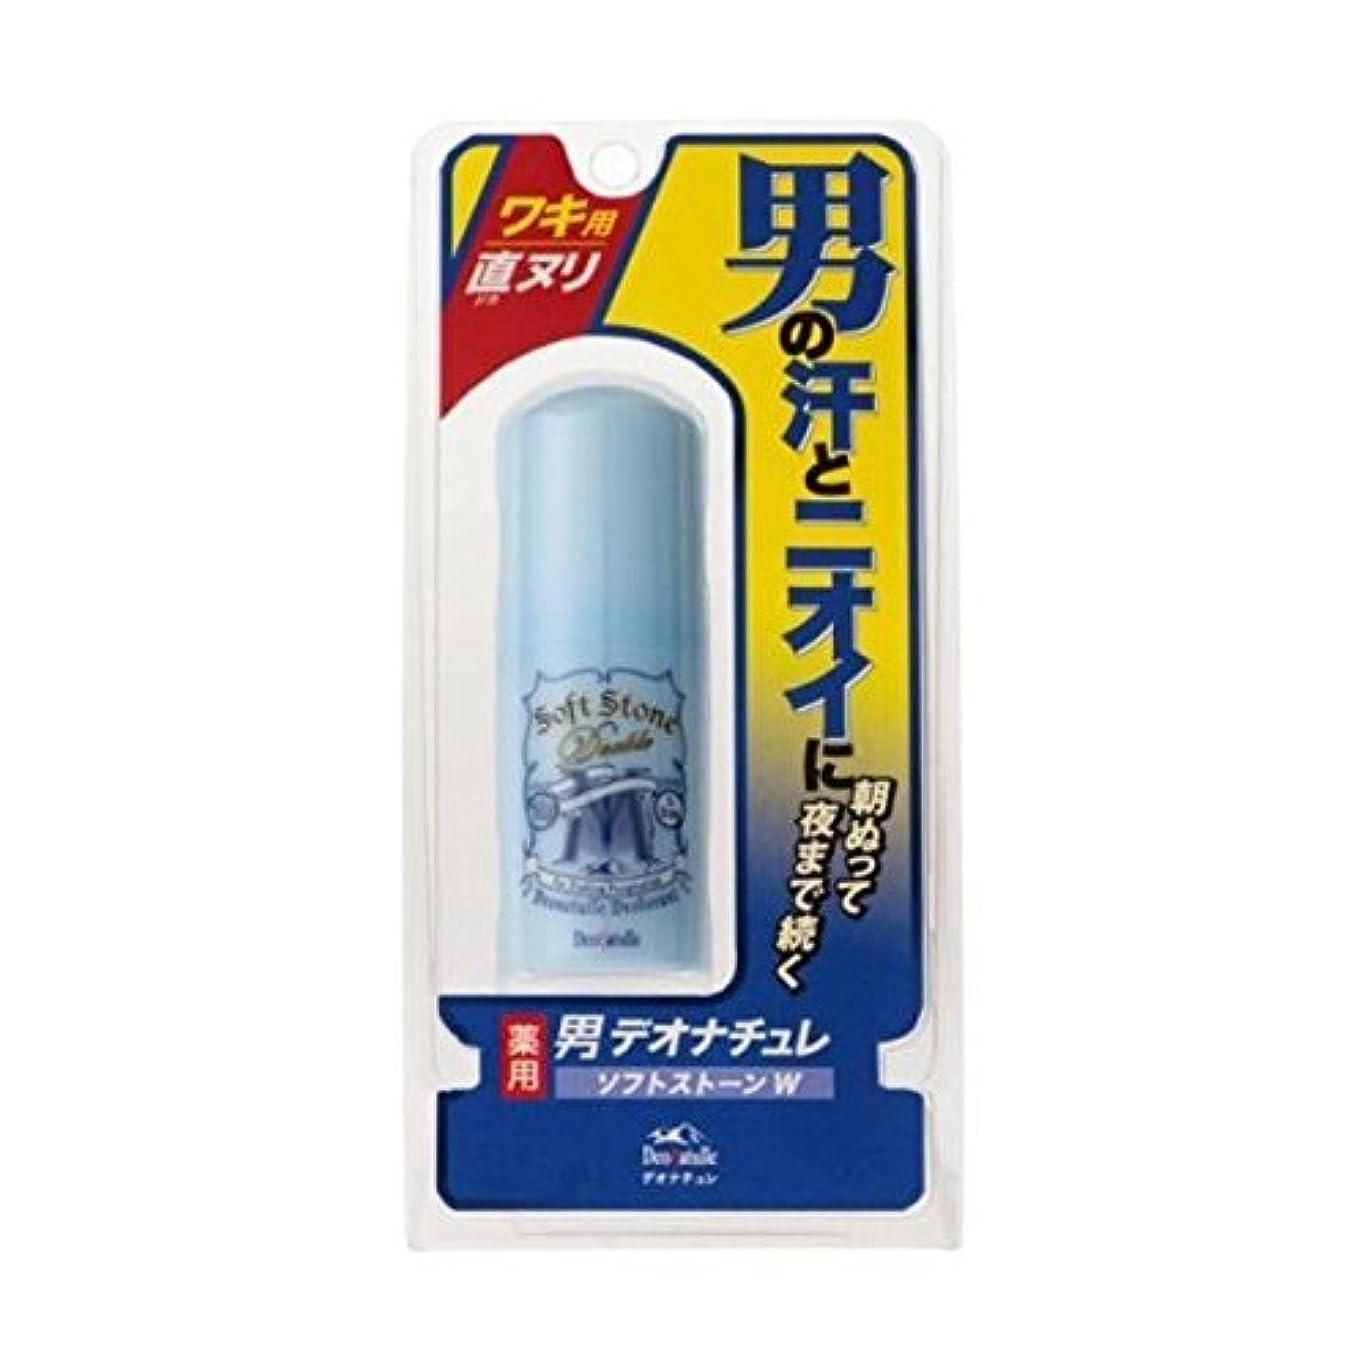 才能動員するコマースデオナチュレ 男ソフトストーン20Gx6個